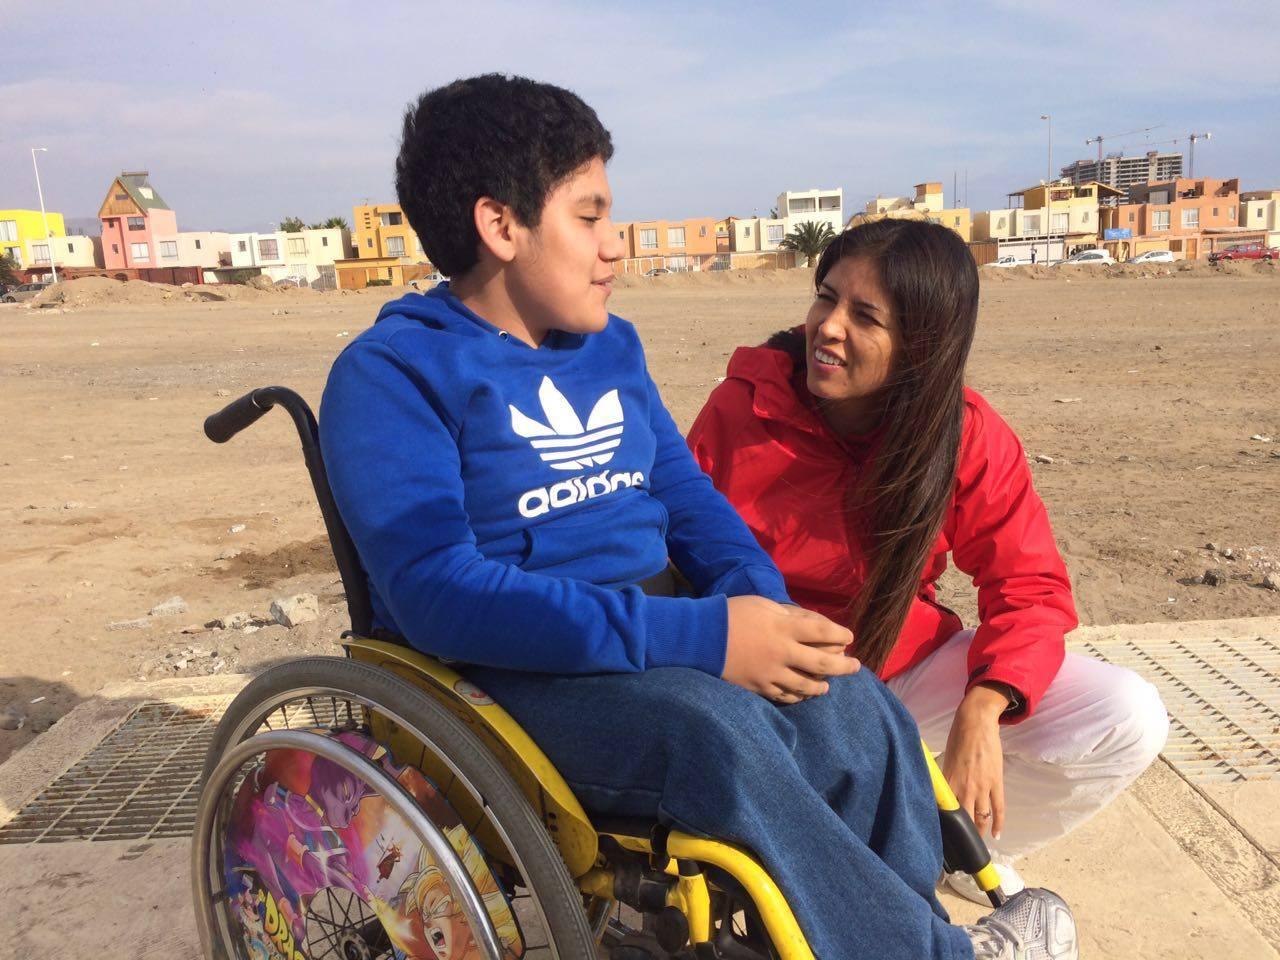 nuevo-centro-teleton-en-antofagasta-atendera-a-pacientes-de-alta-complejidad